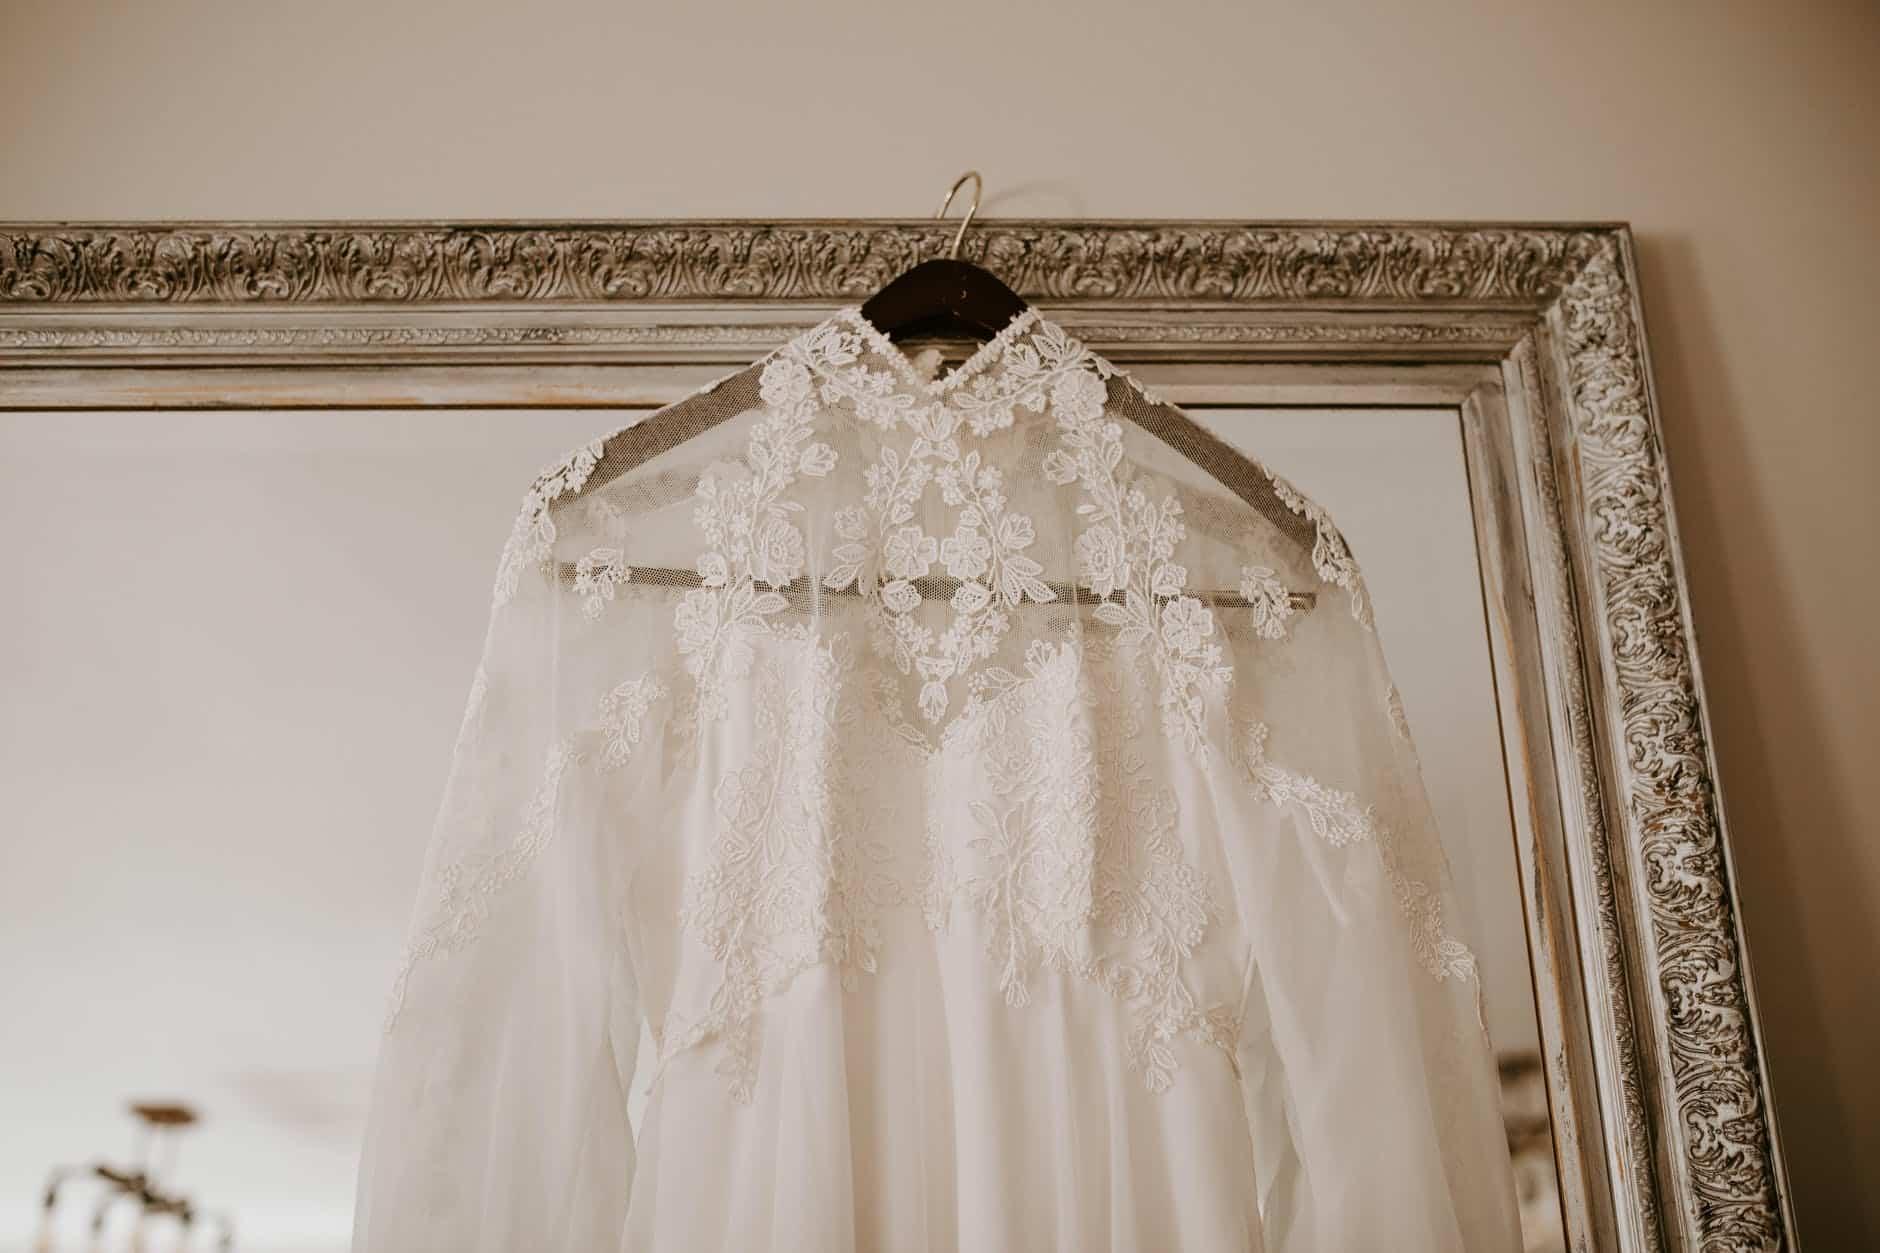 elegant bridal dress hanging on mirror